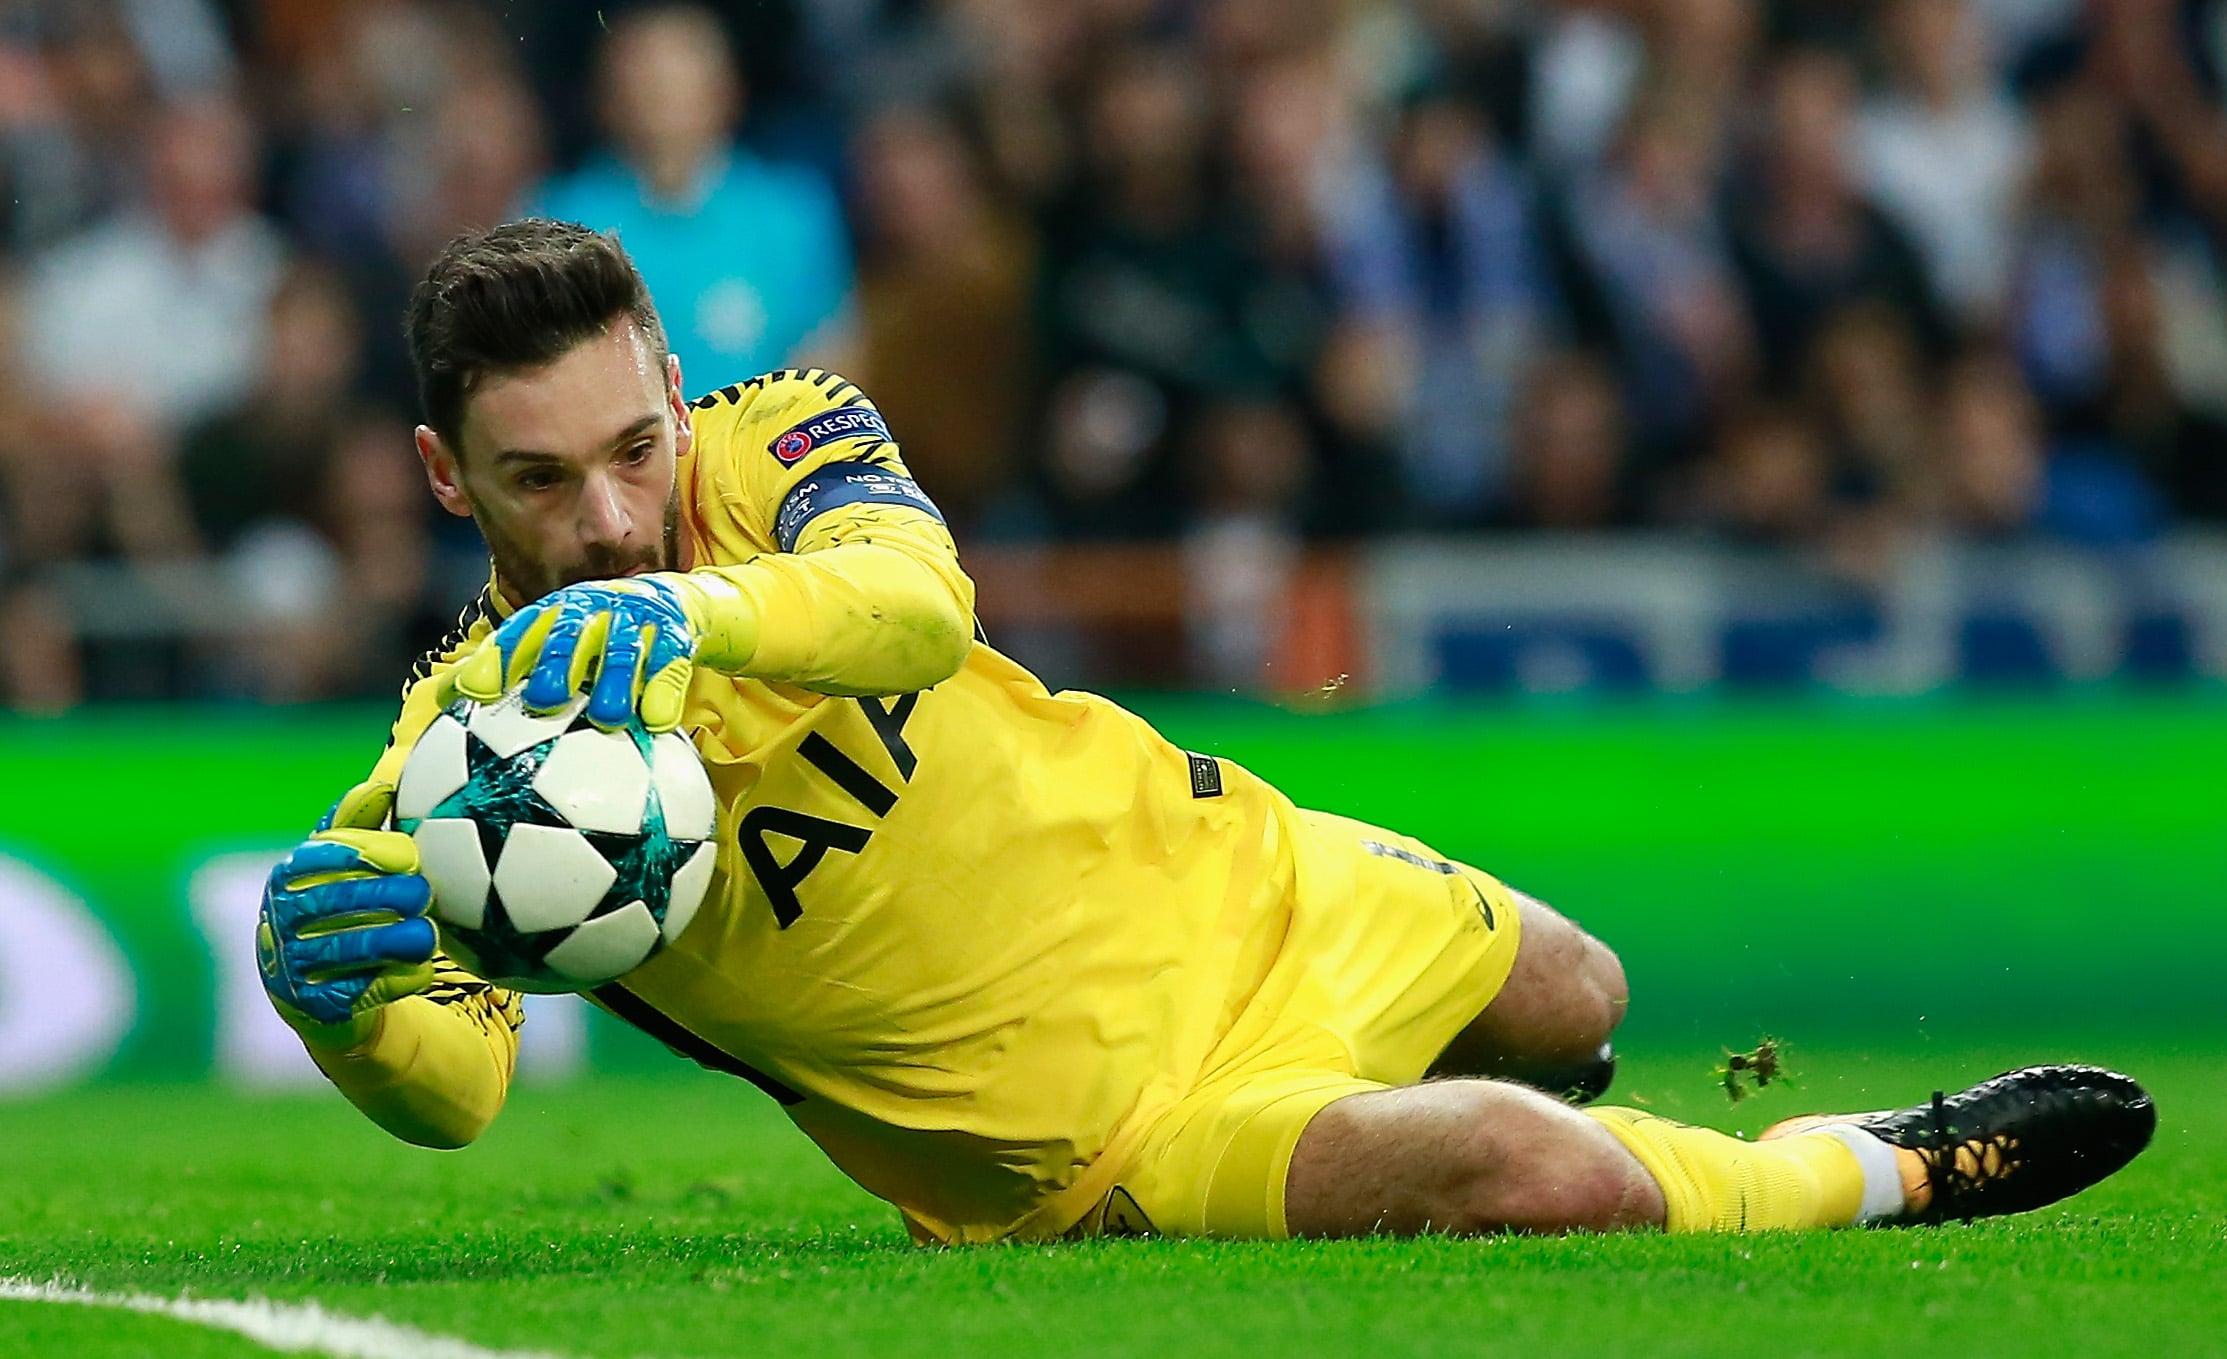 top ten best goalkeepers in the world 2017